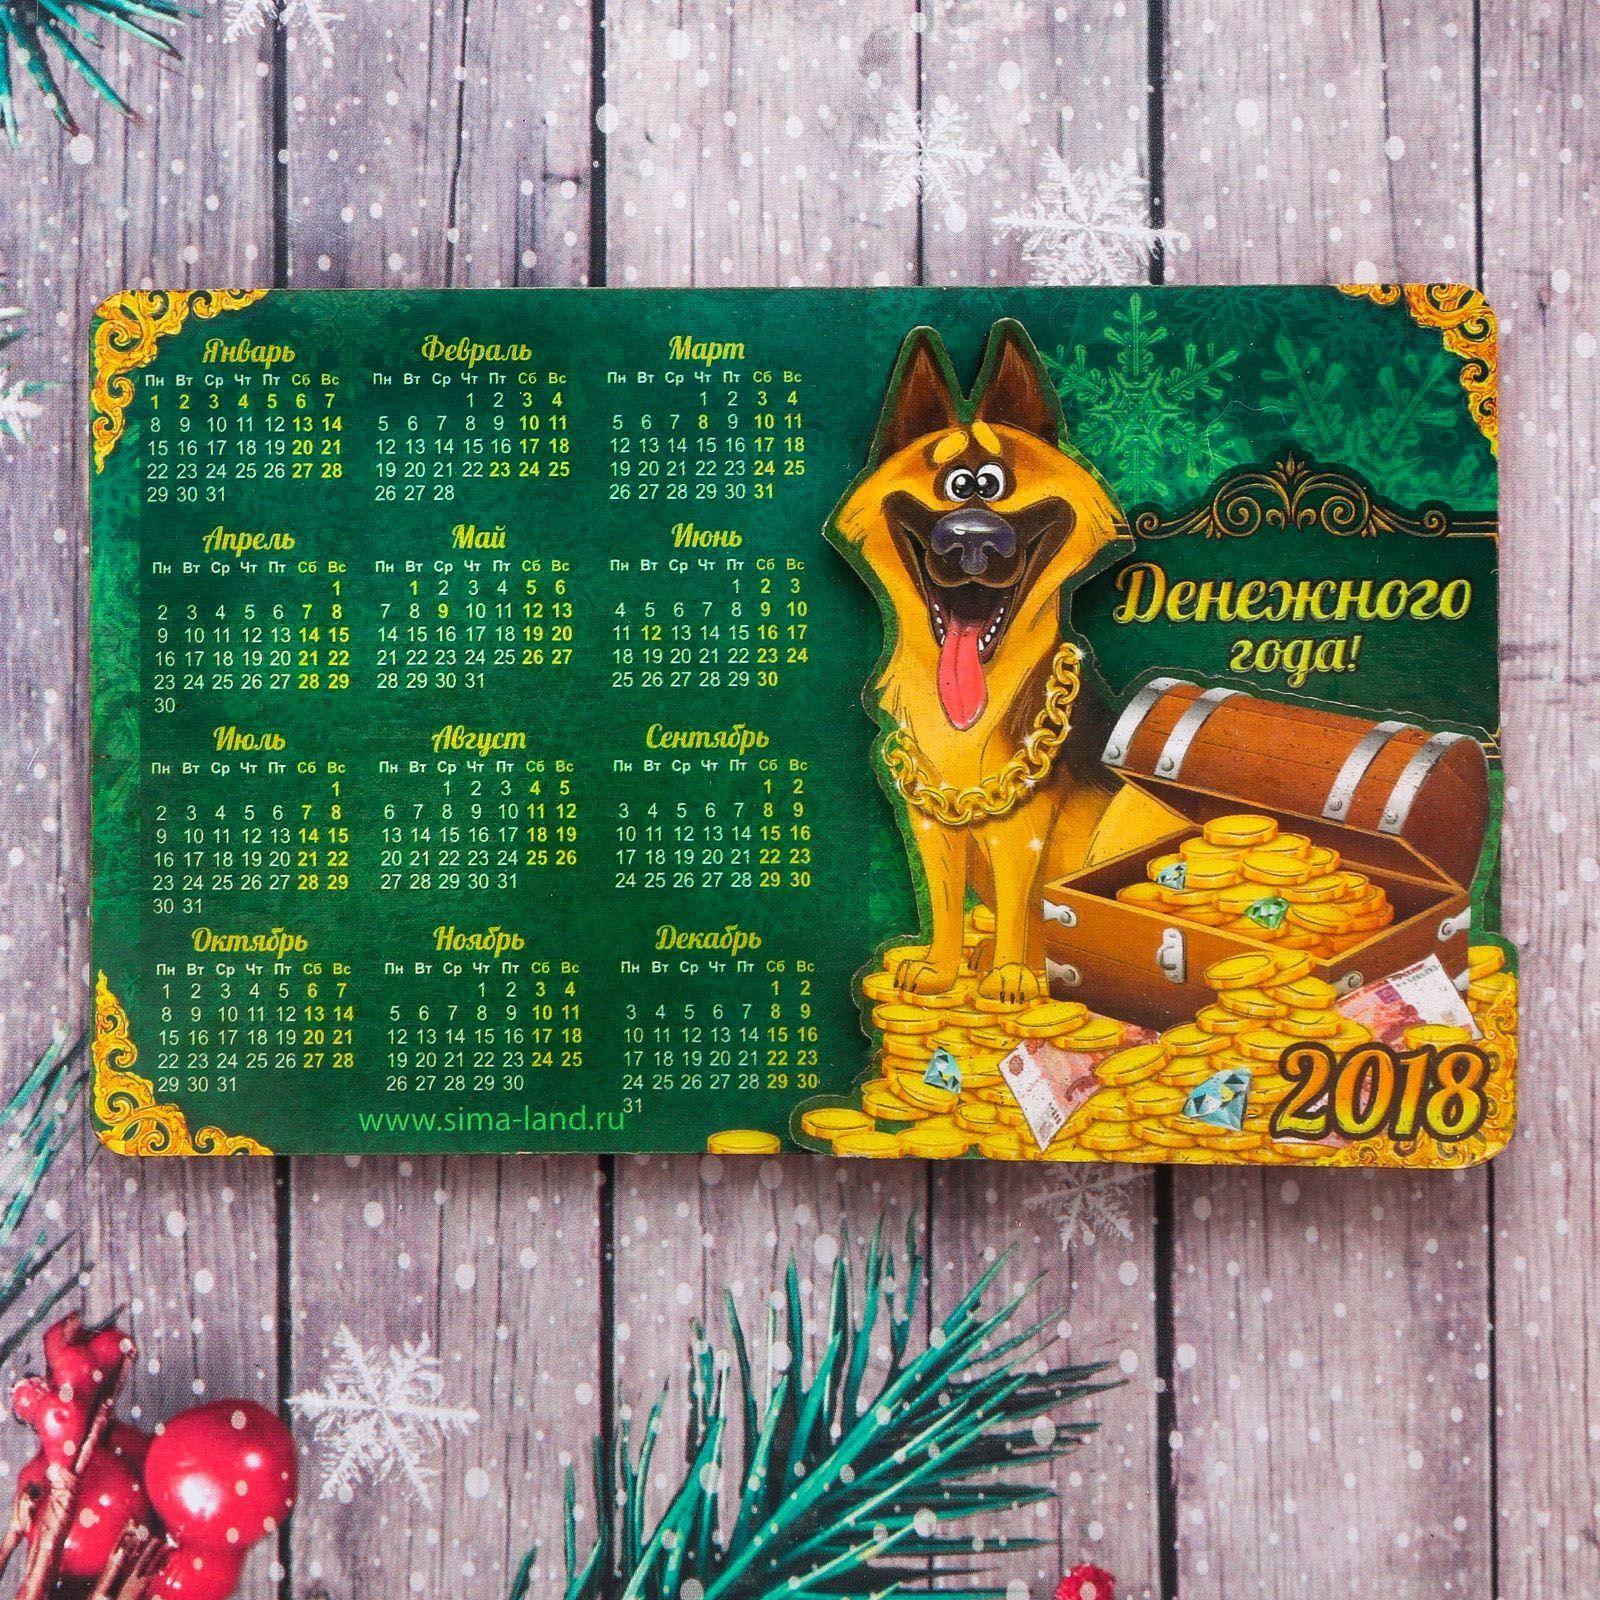 Магнит Sima-land Денежного года, с календарем, 13 х 8 см1933307Порадуйте родных и близких оригинальным сувениром: преподнесите в подарок магнит. С ним даже самый серьёзный человек почувствует себя ребёнком, ожидающим чудо! Создайте праздничное настроение, и оно останется с вами на весь год.